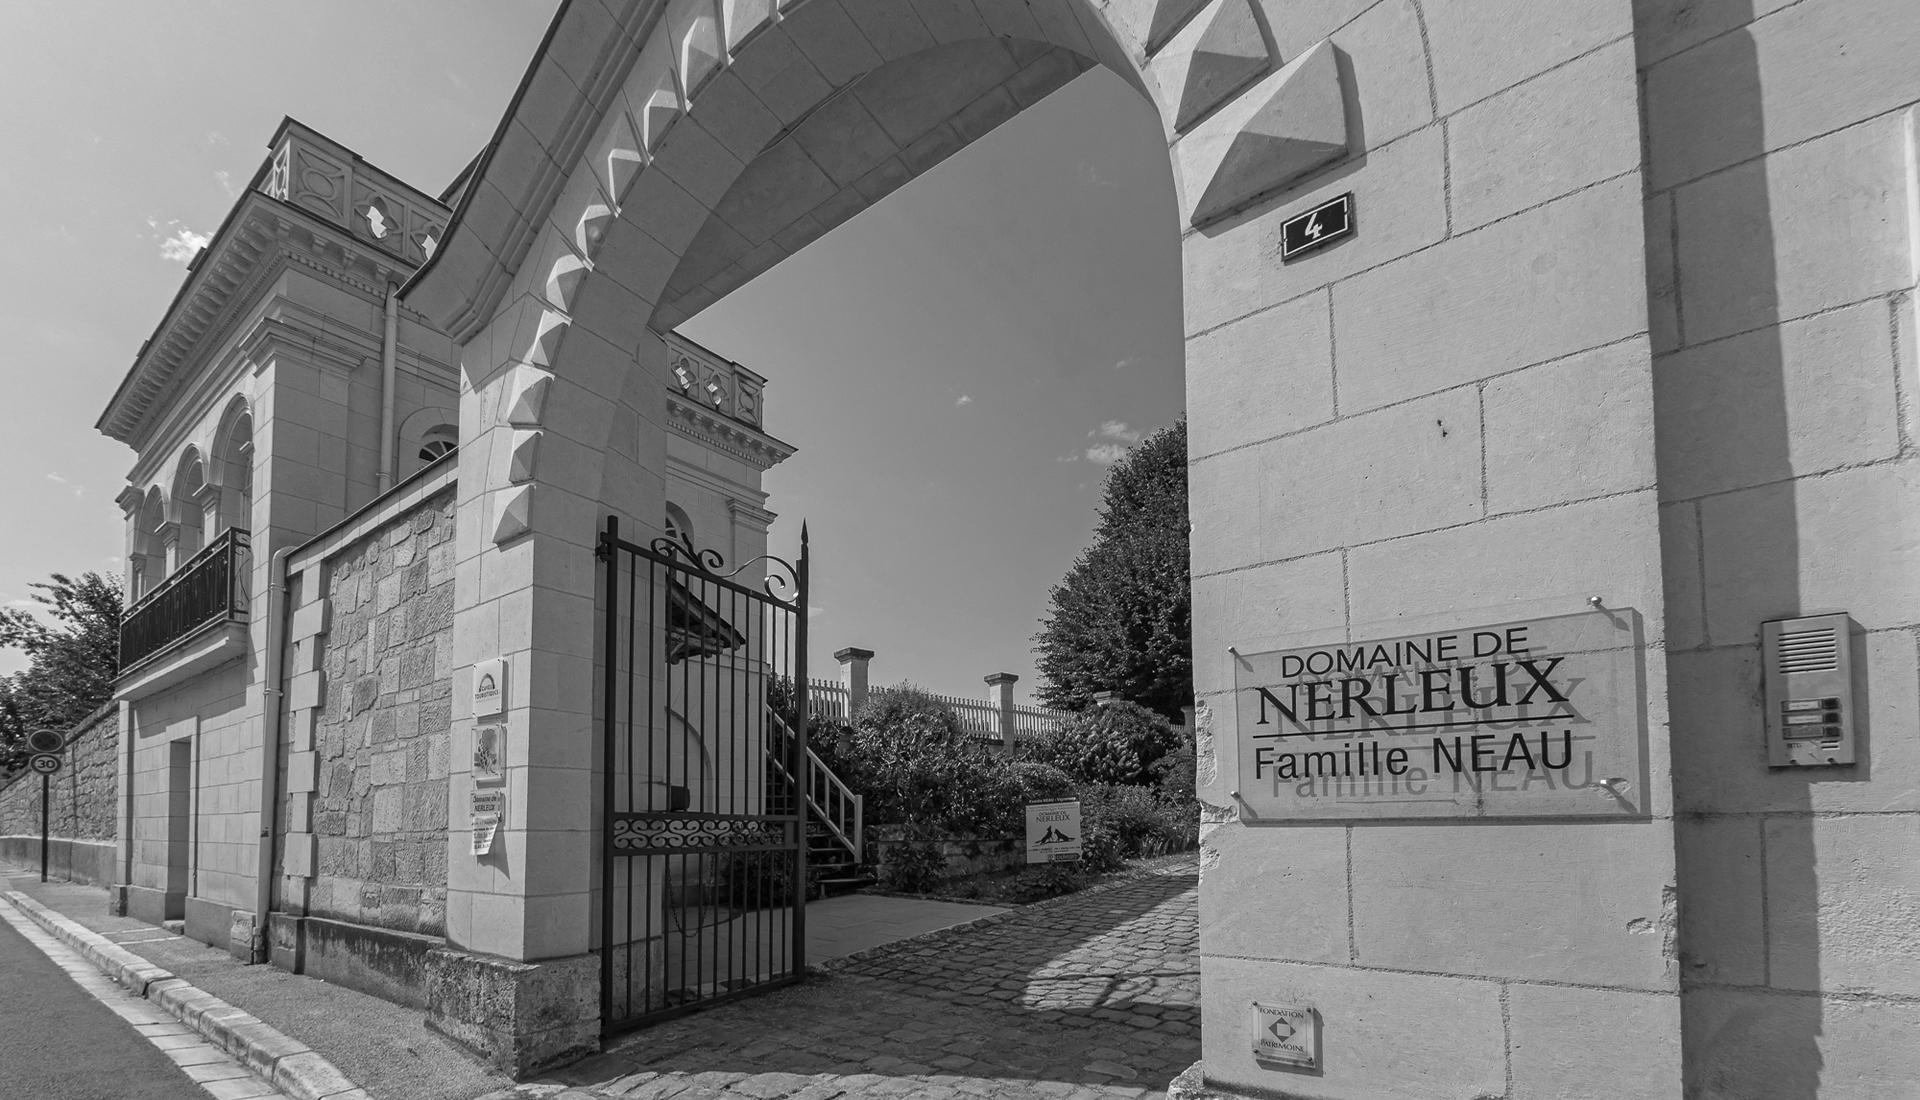 Domaine de Nerleux Saumur Famille Neau NB